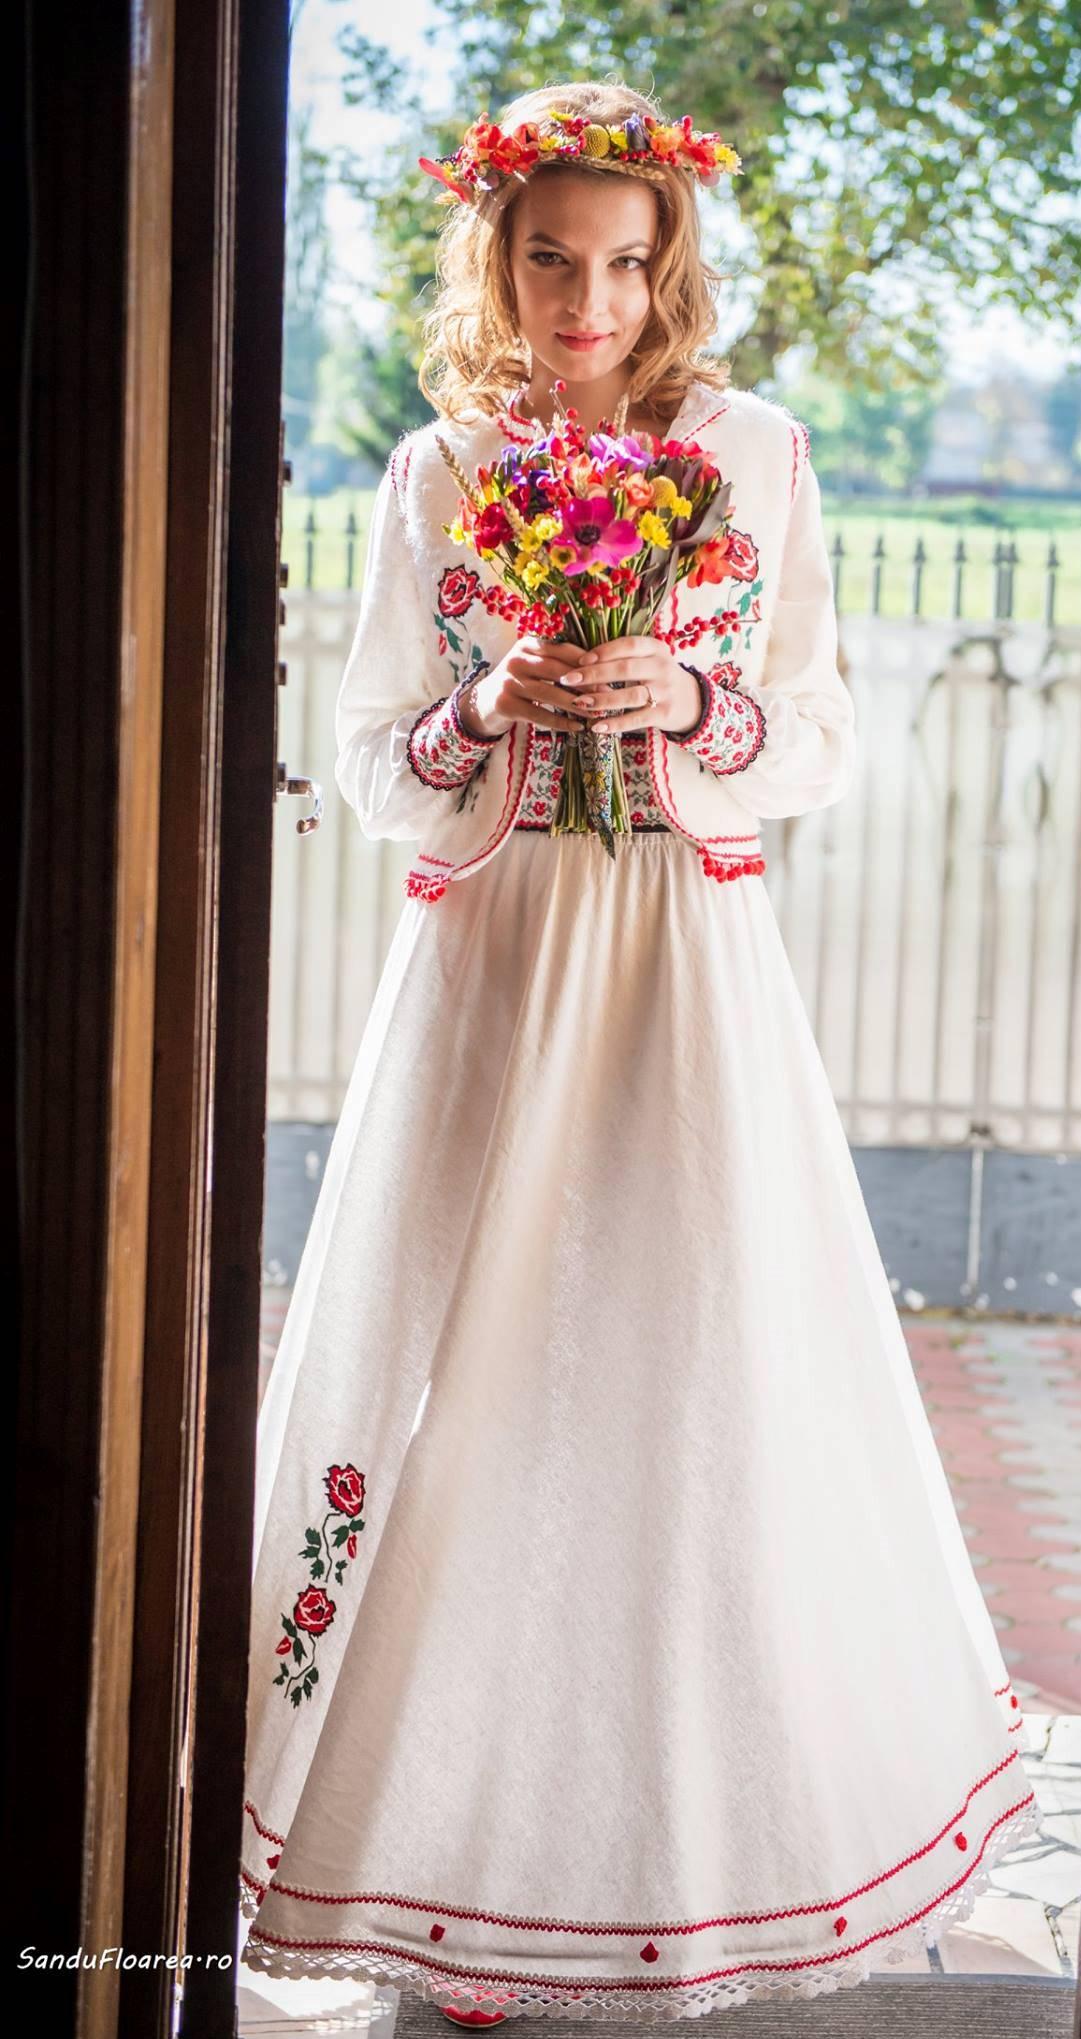 Rochie de mireasa traditional romaneasca